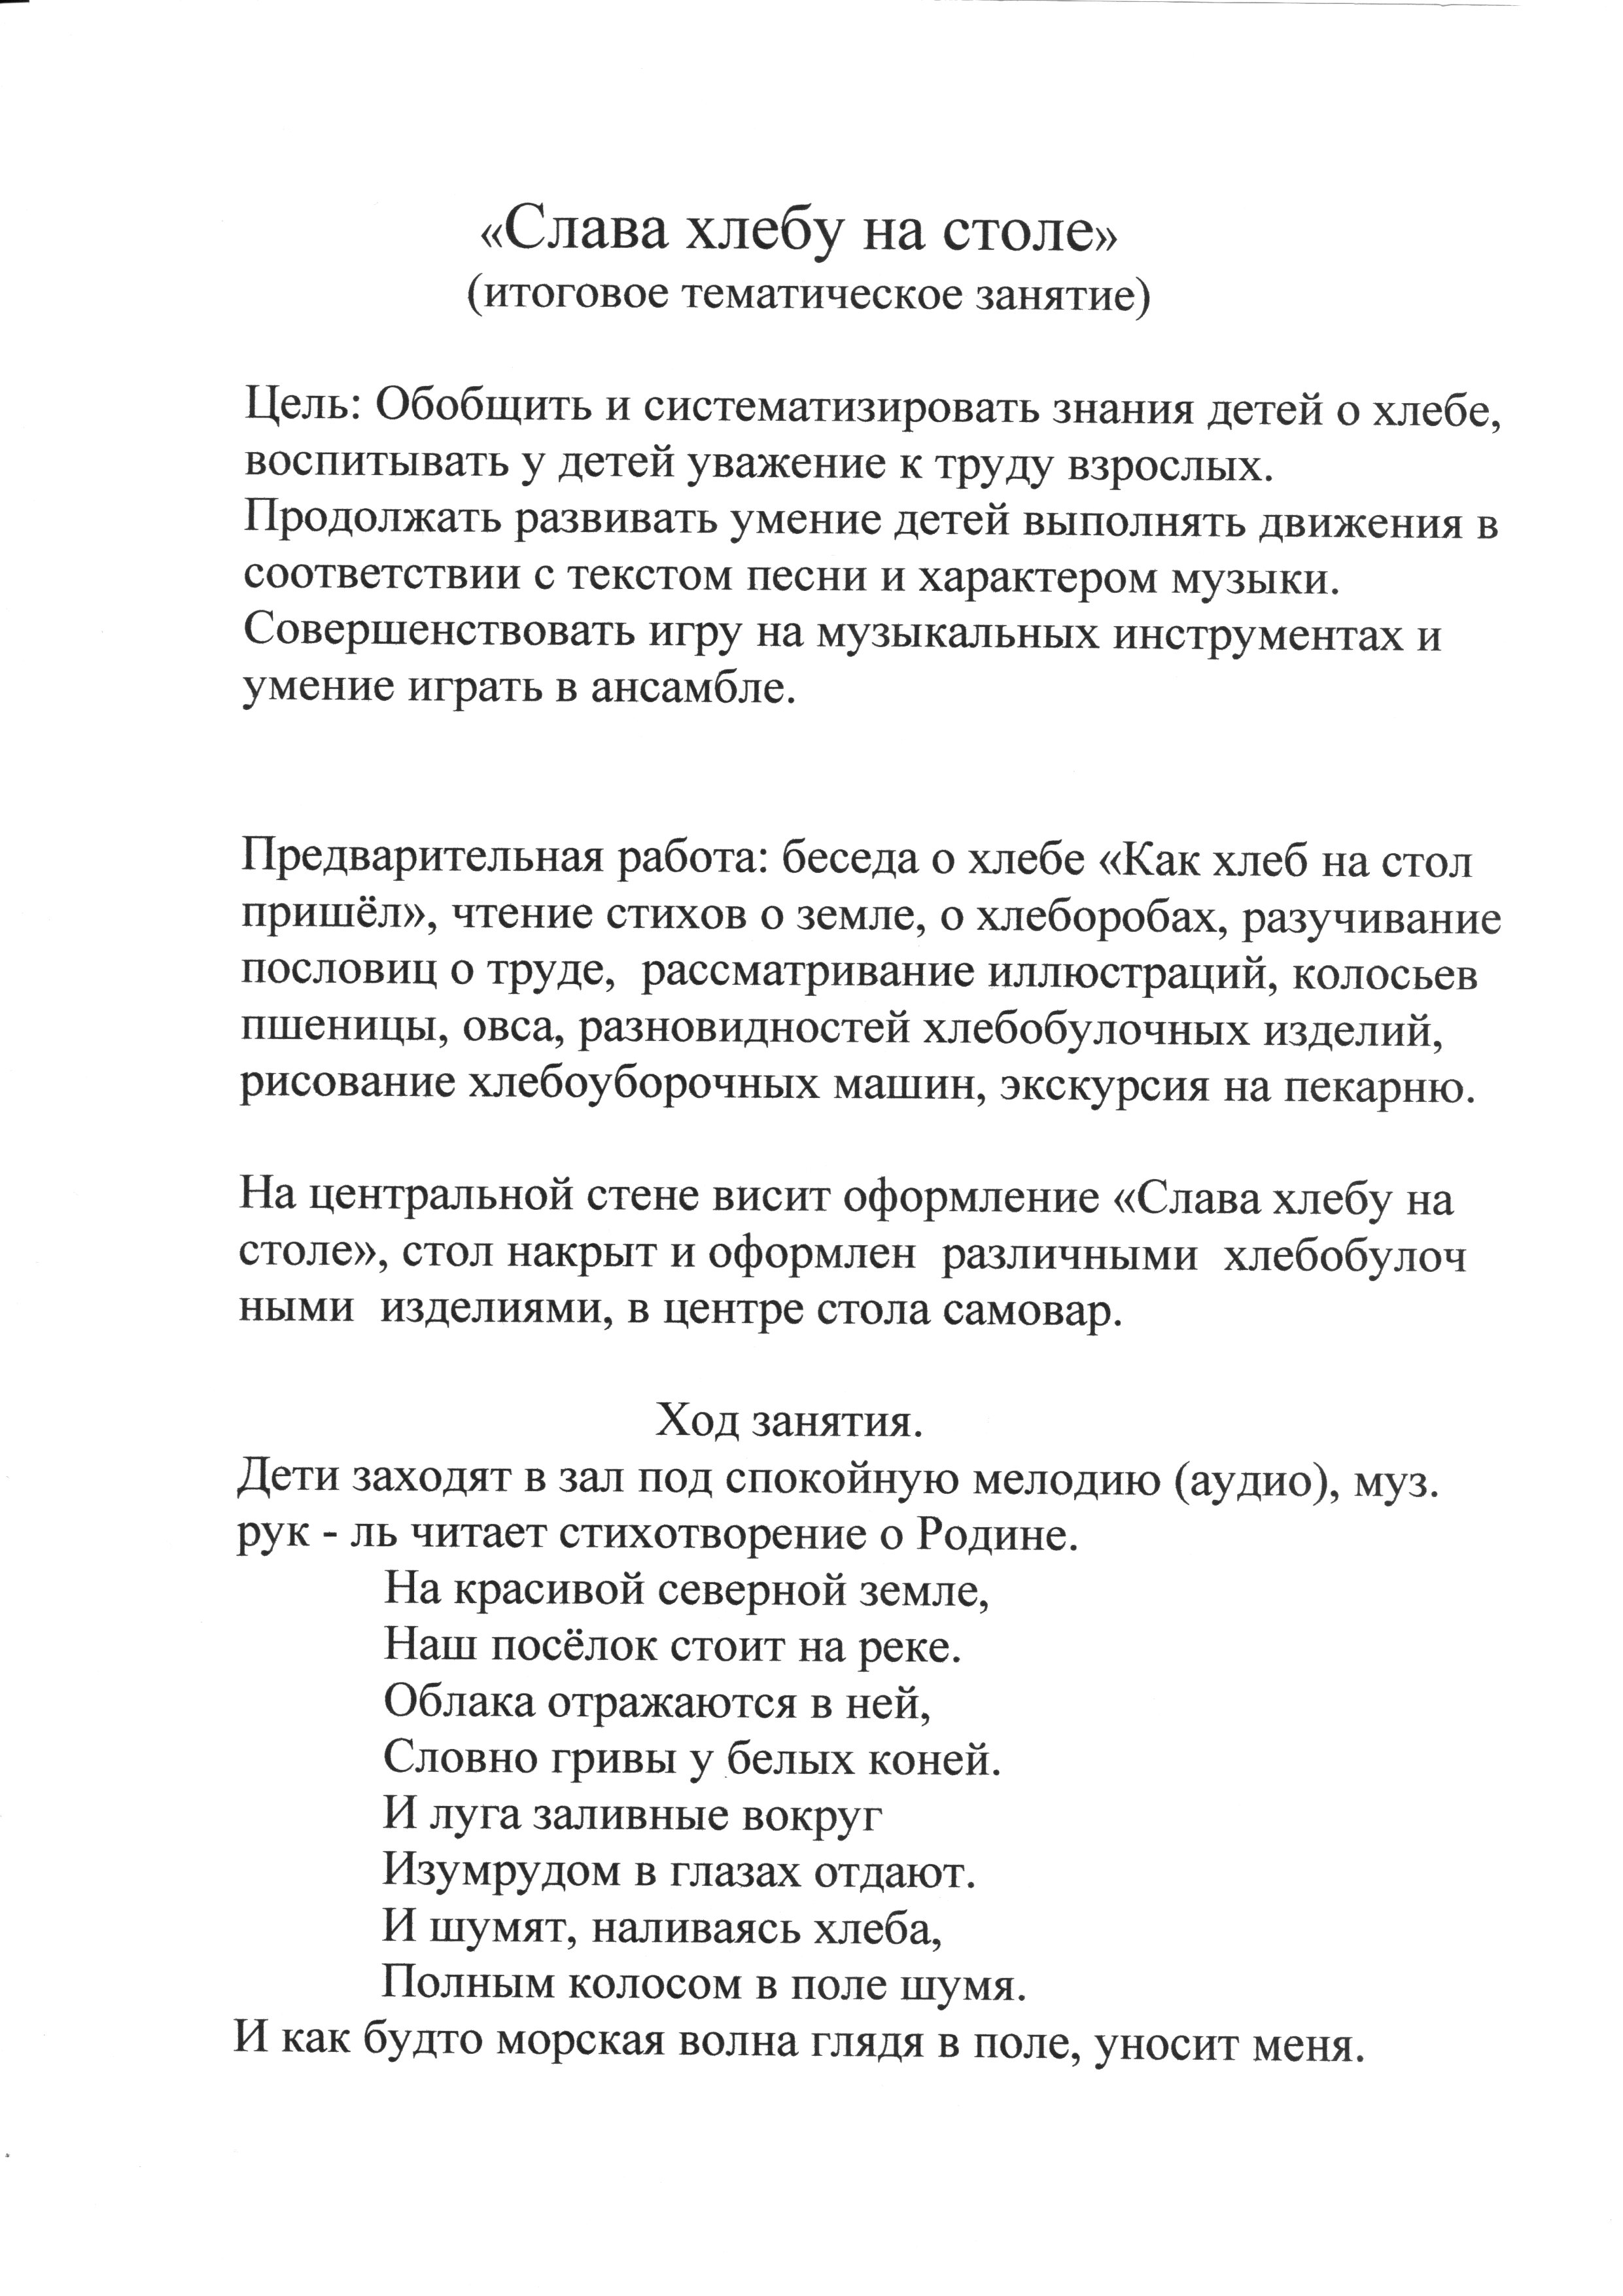 C:\Users\User\Desktop\музыкальный руководитель Сухих Е.В\img007.jpg